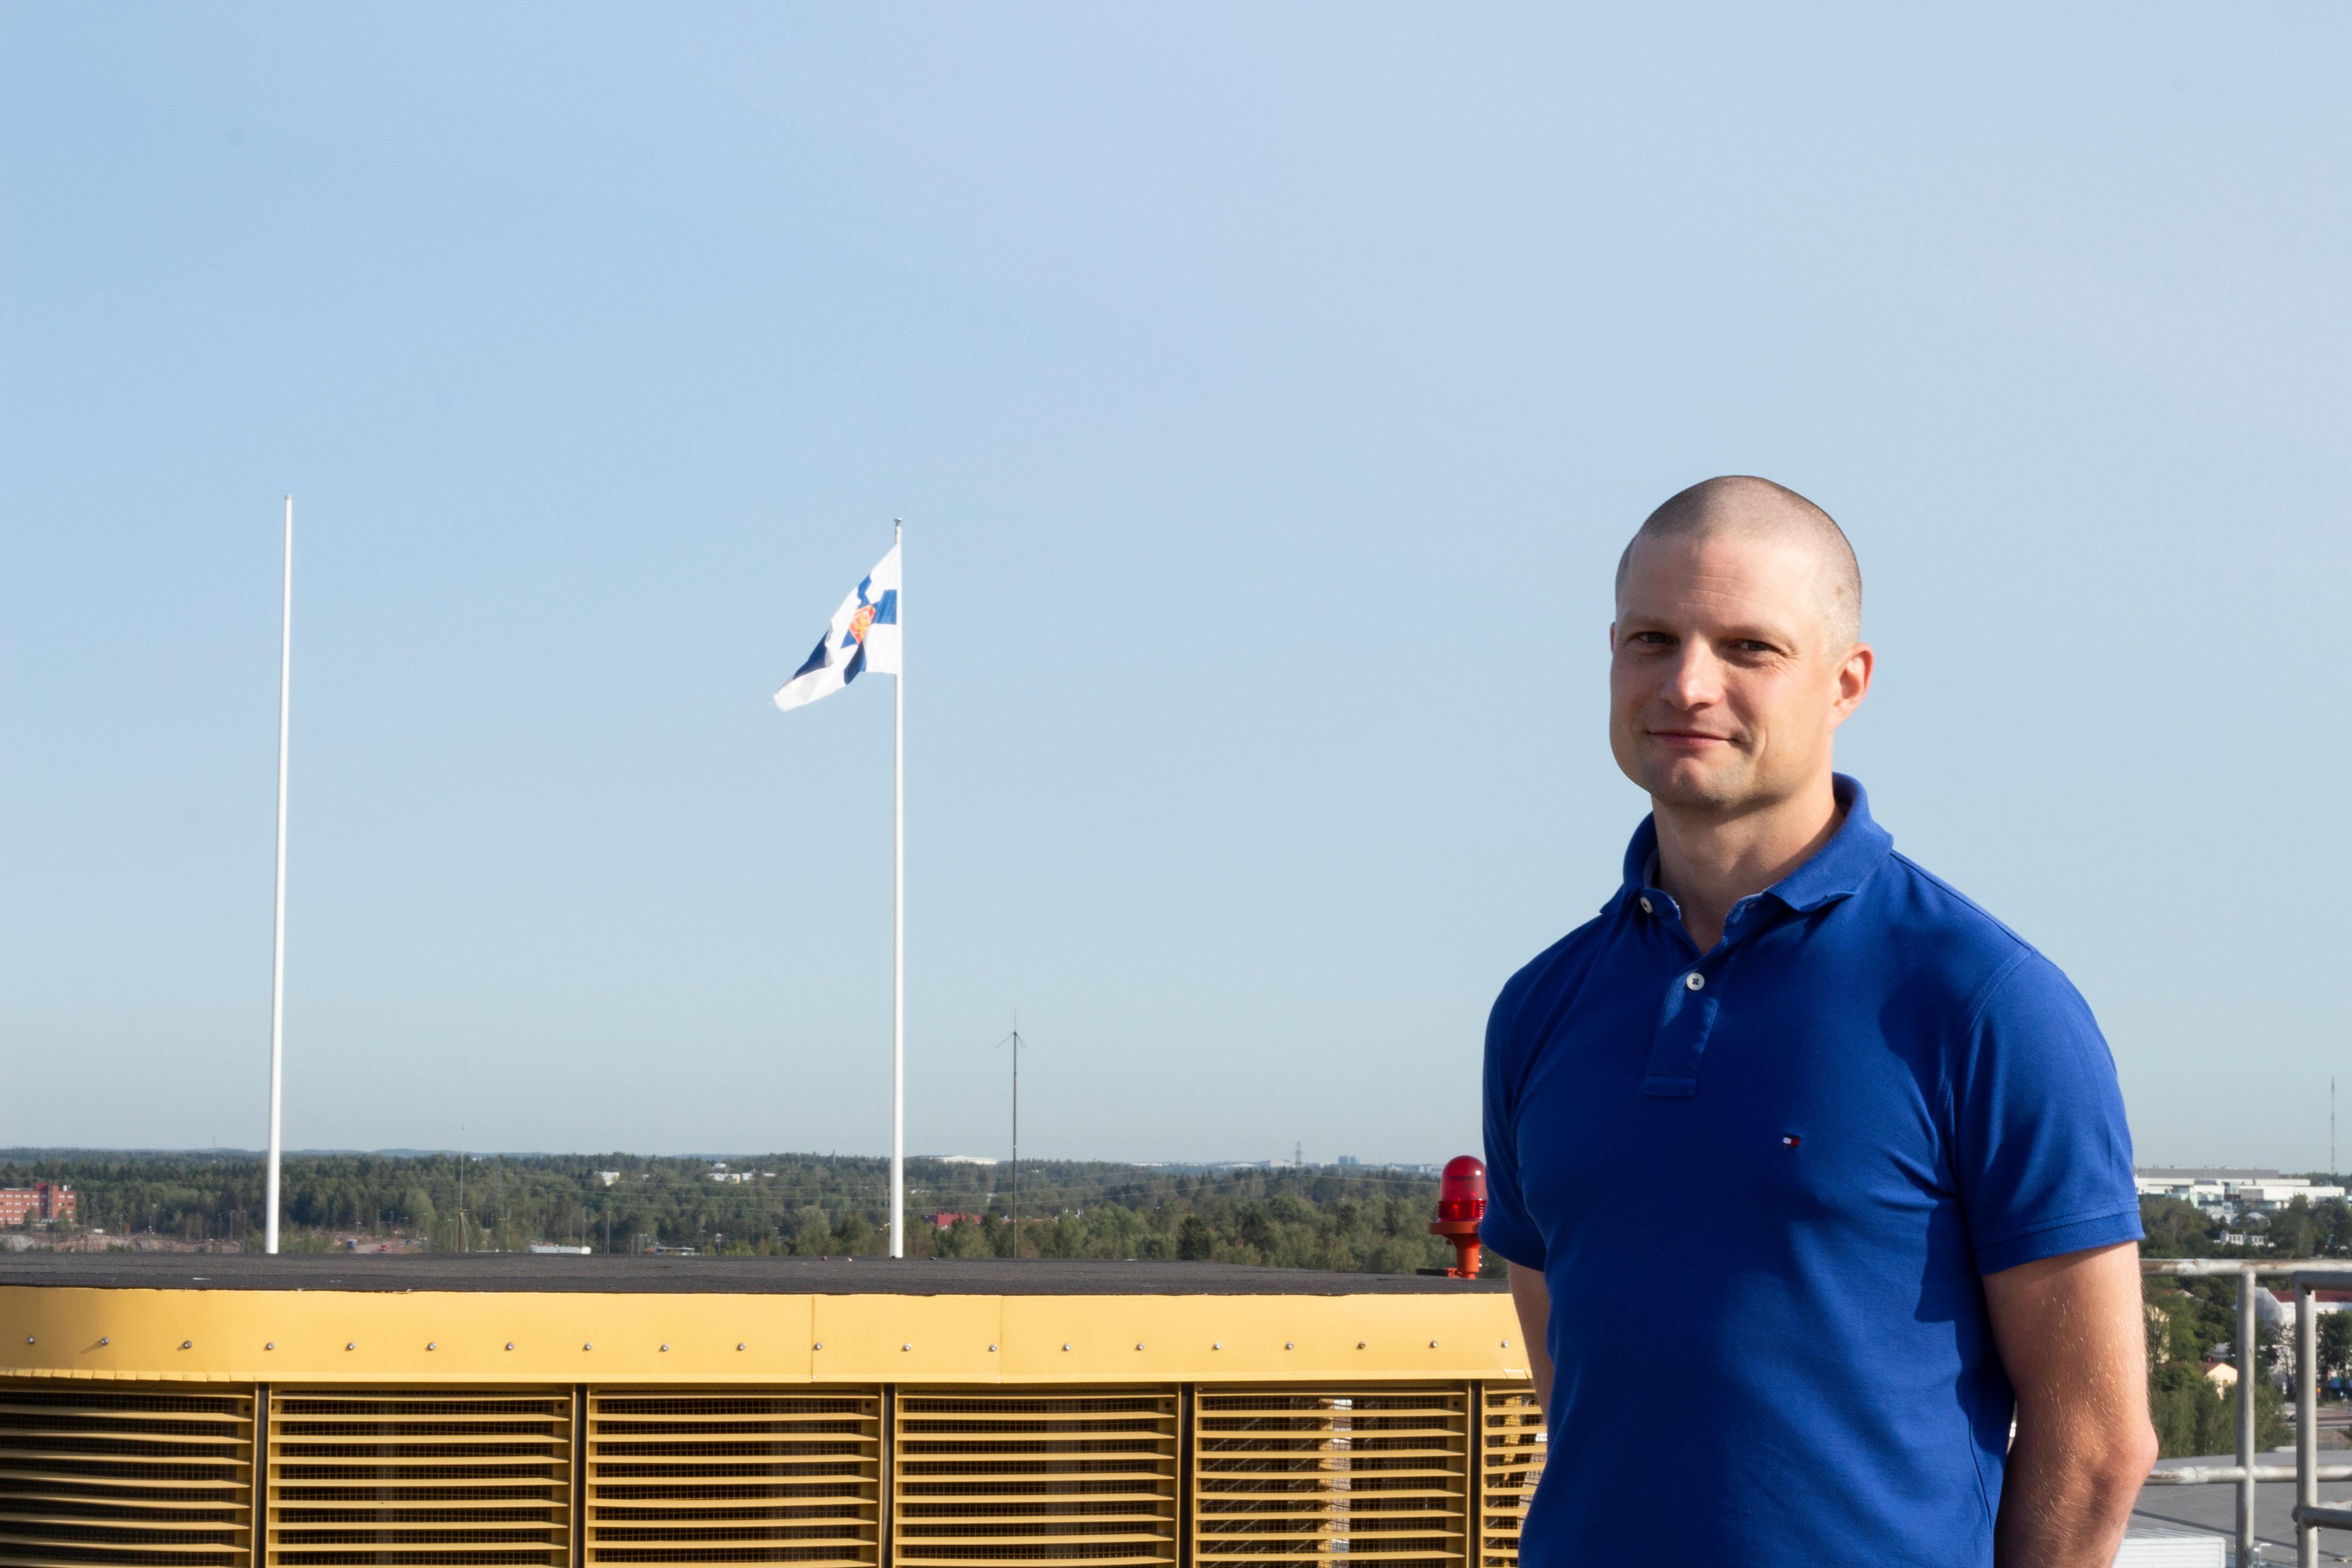 Projektipäällikkö Juha Kareinen hymyilee ulkona aurinkoisessa säässä.